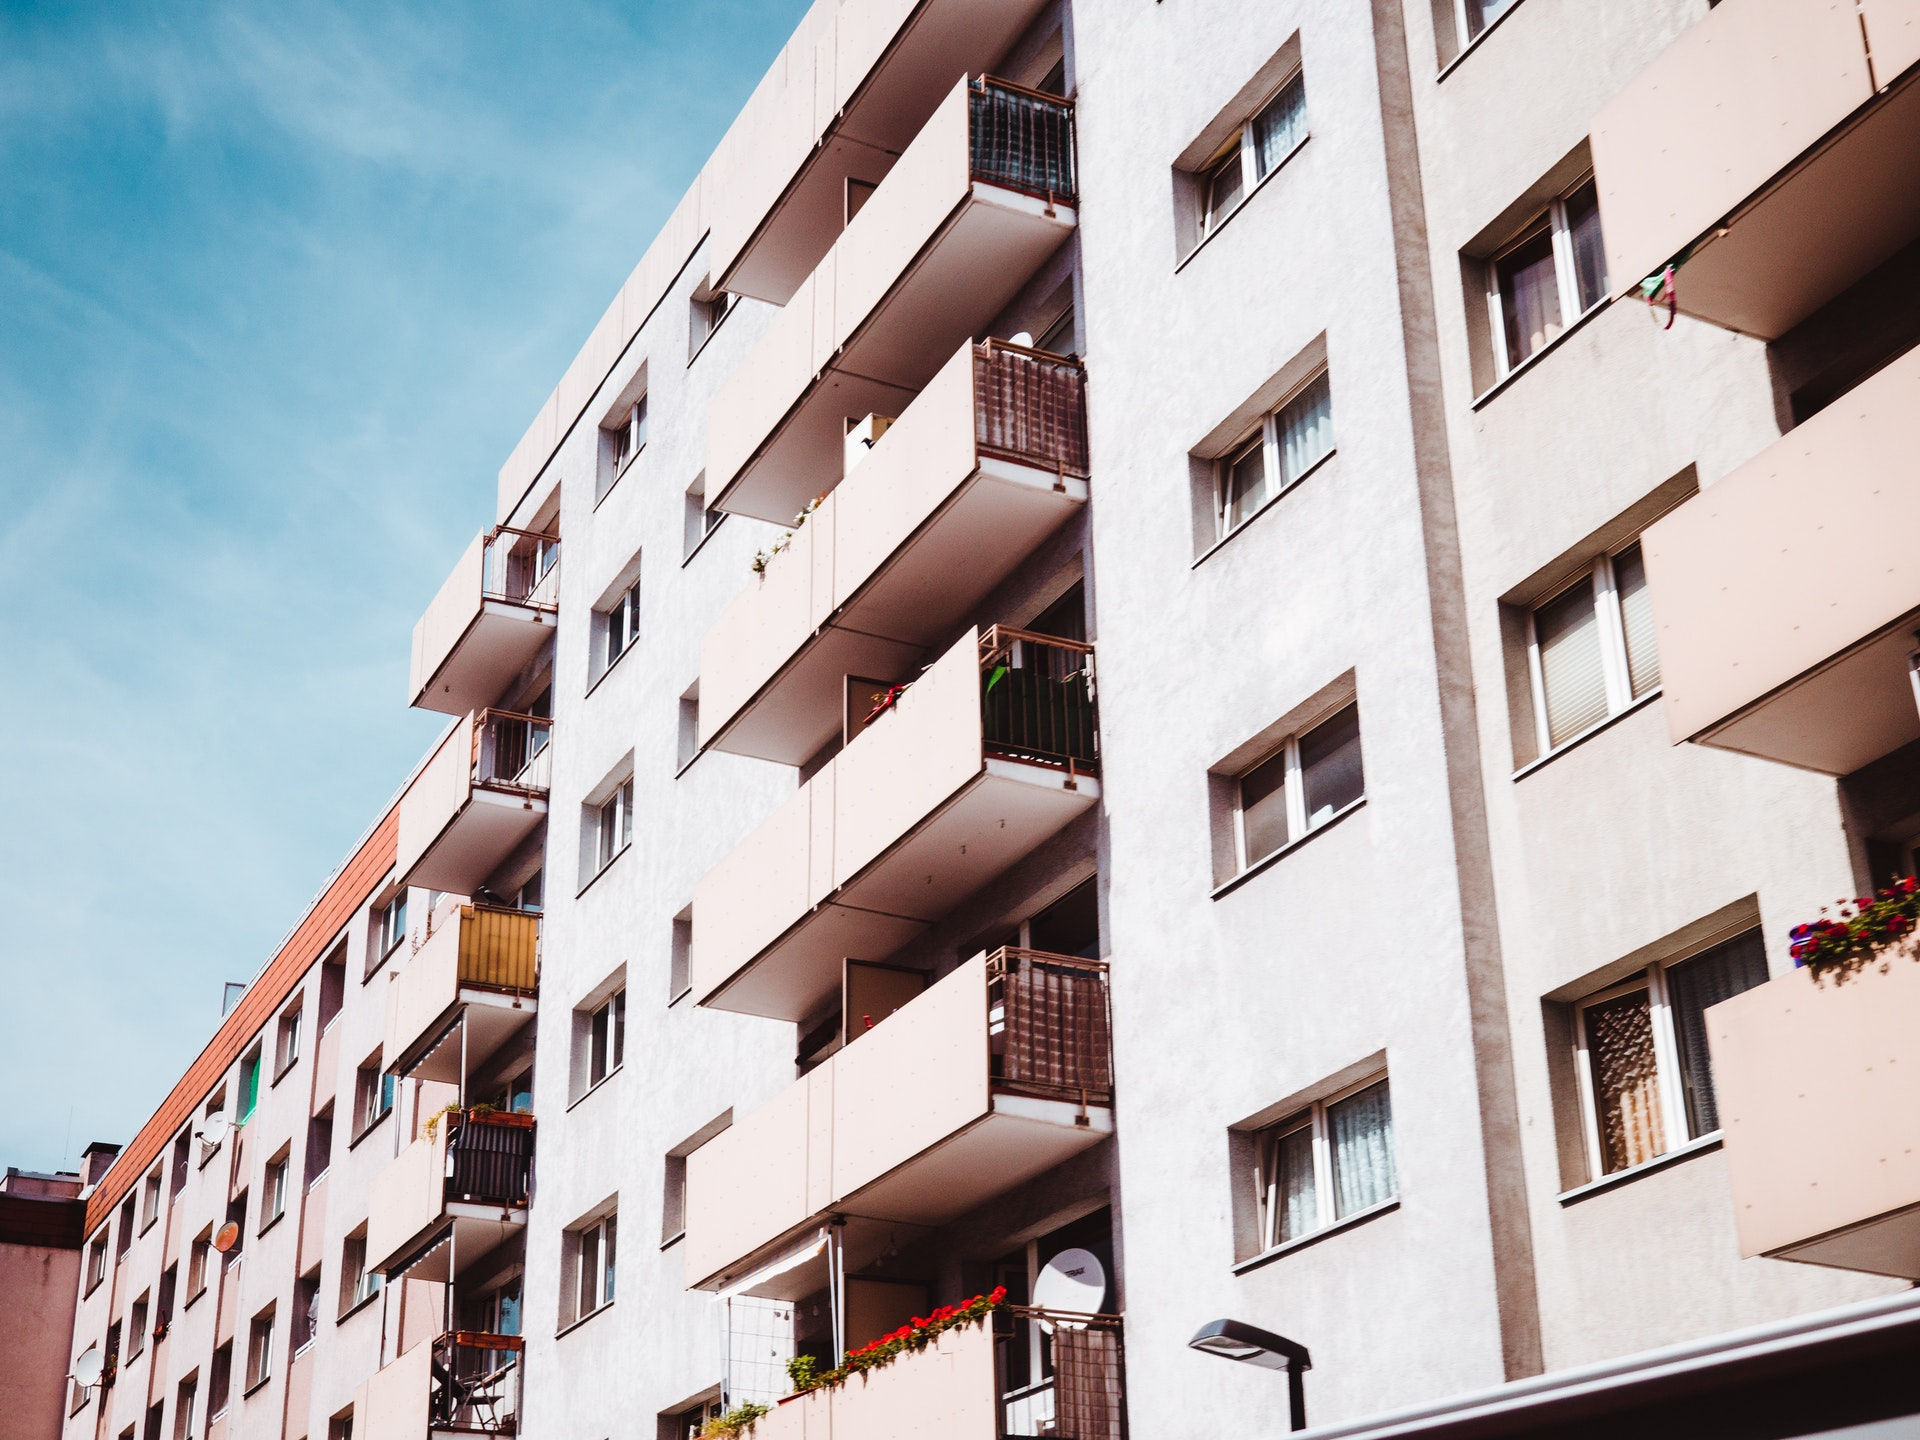 Drzwi wejściowe i pokojowe do mieszkania w bloku - na co zwrócić uwagę?